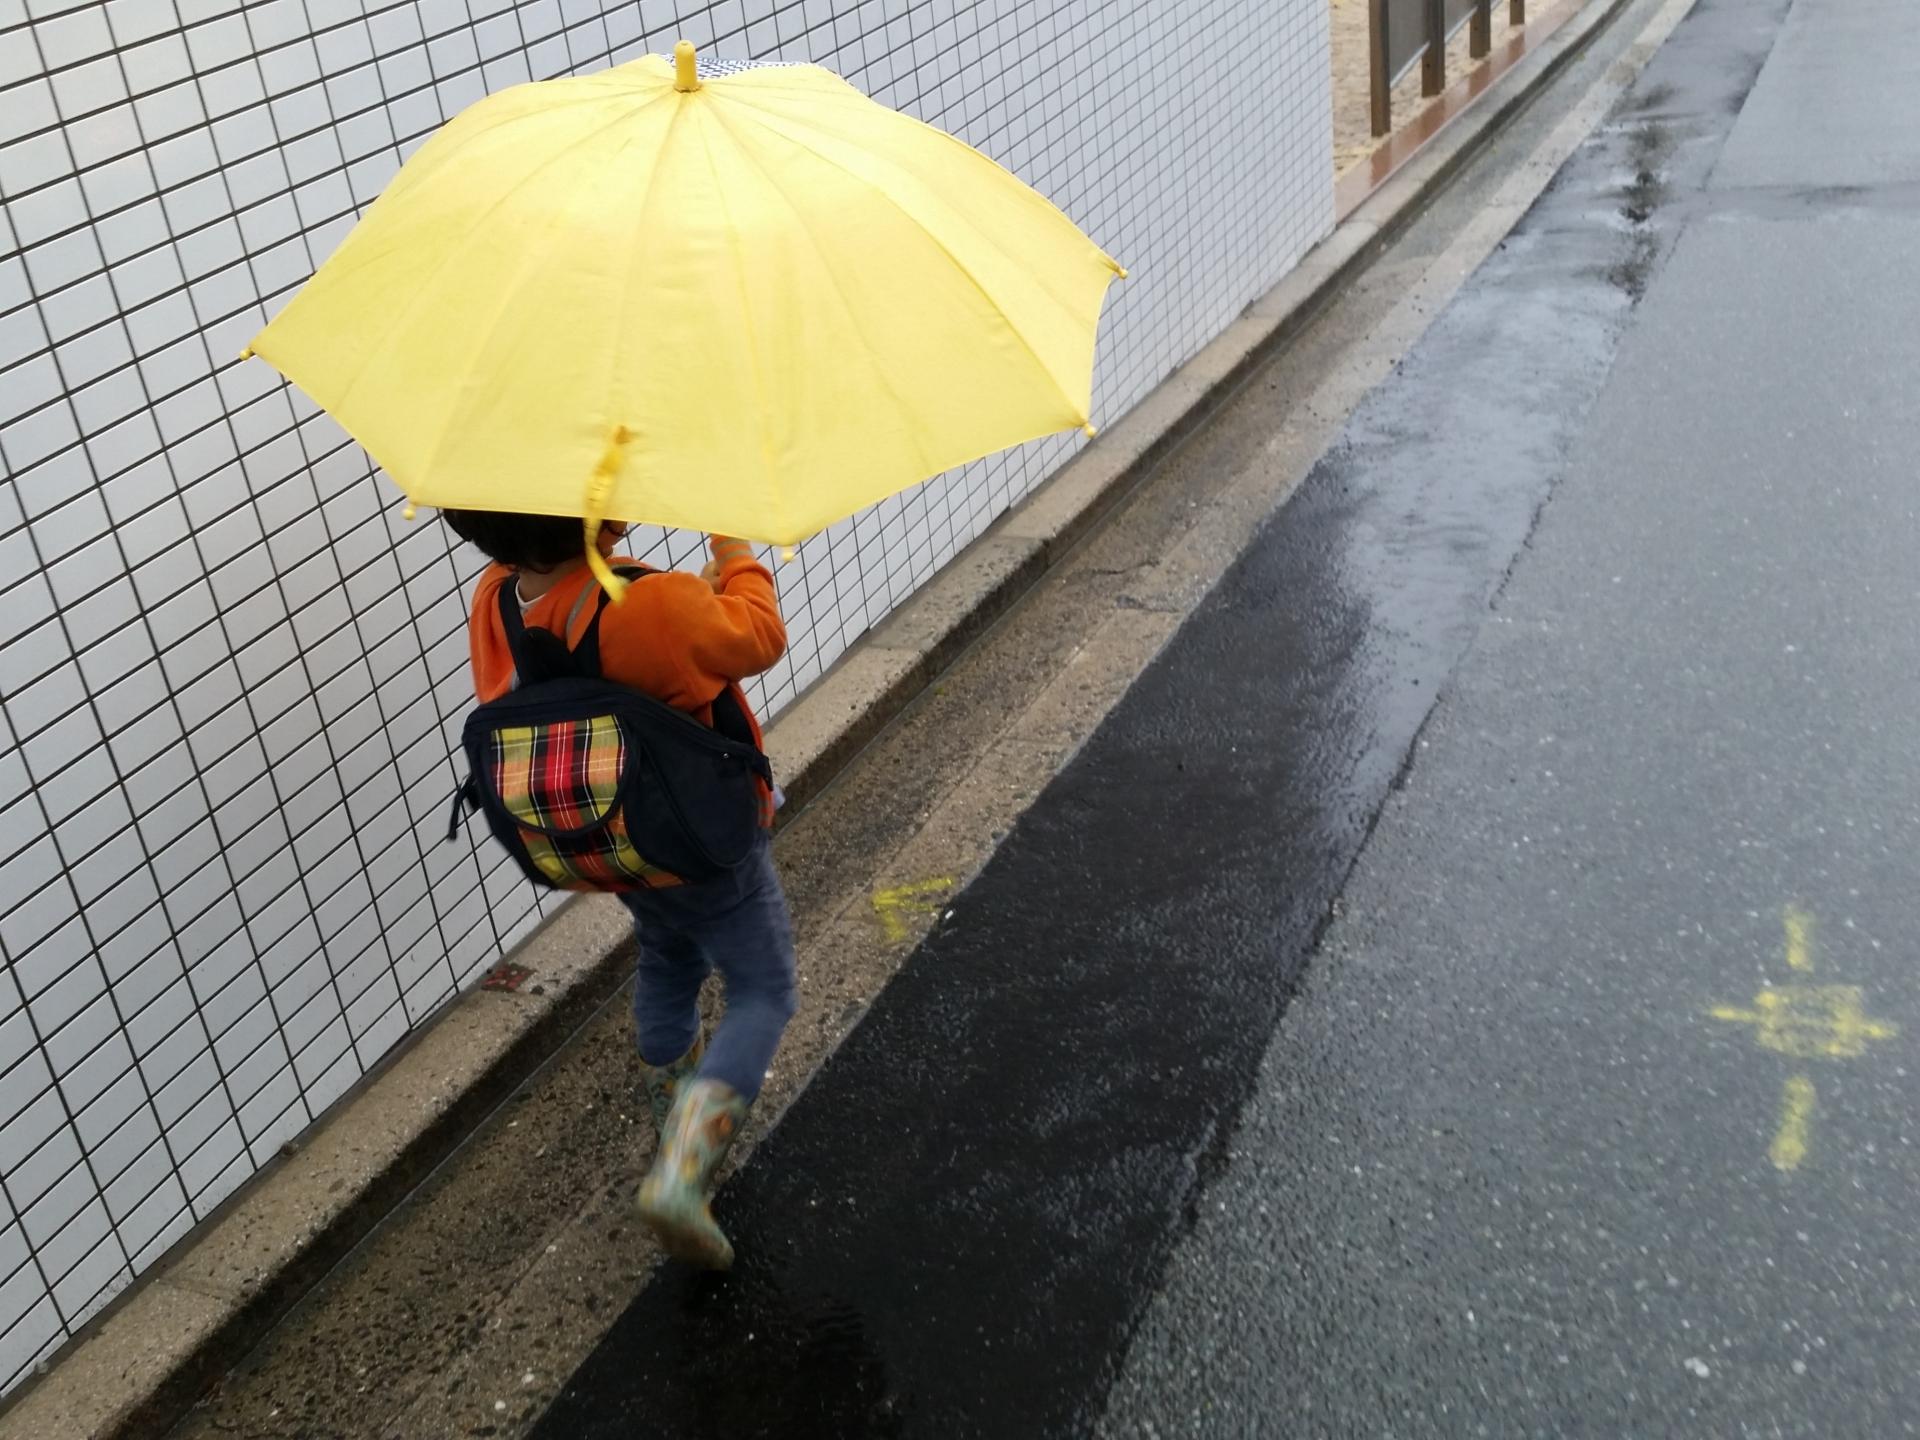 台風で会社は休みにならない?出勤でき ...